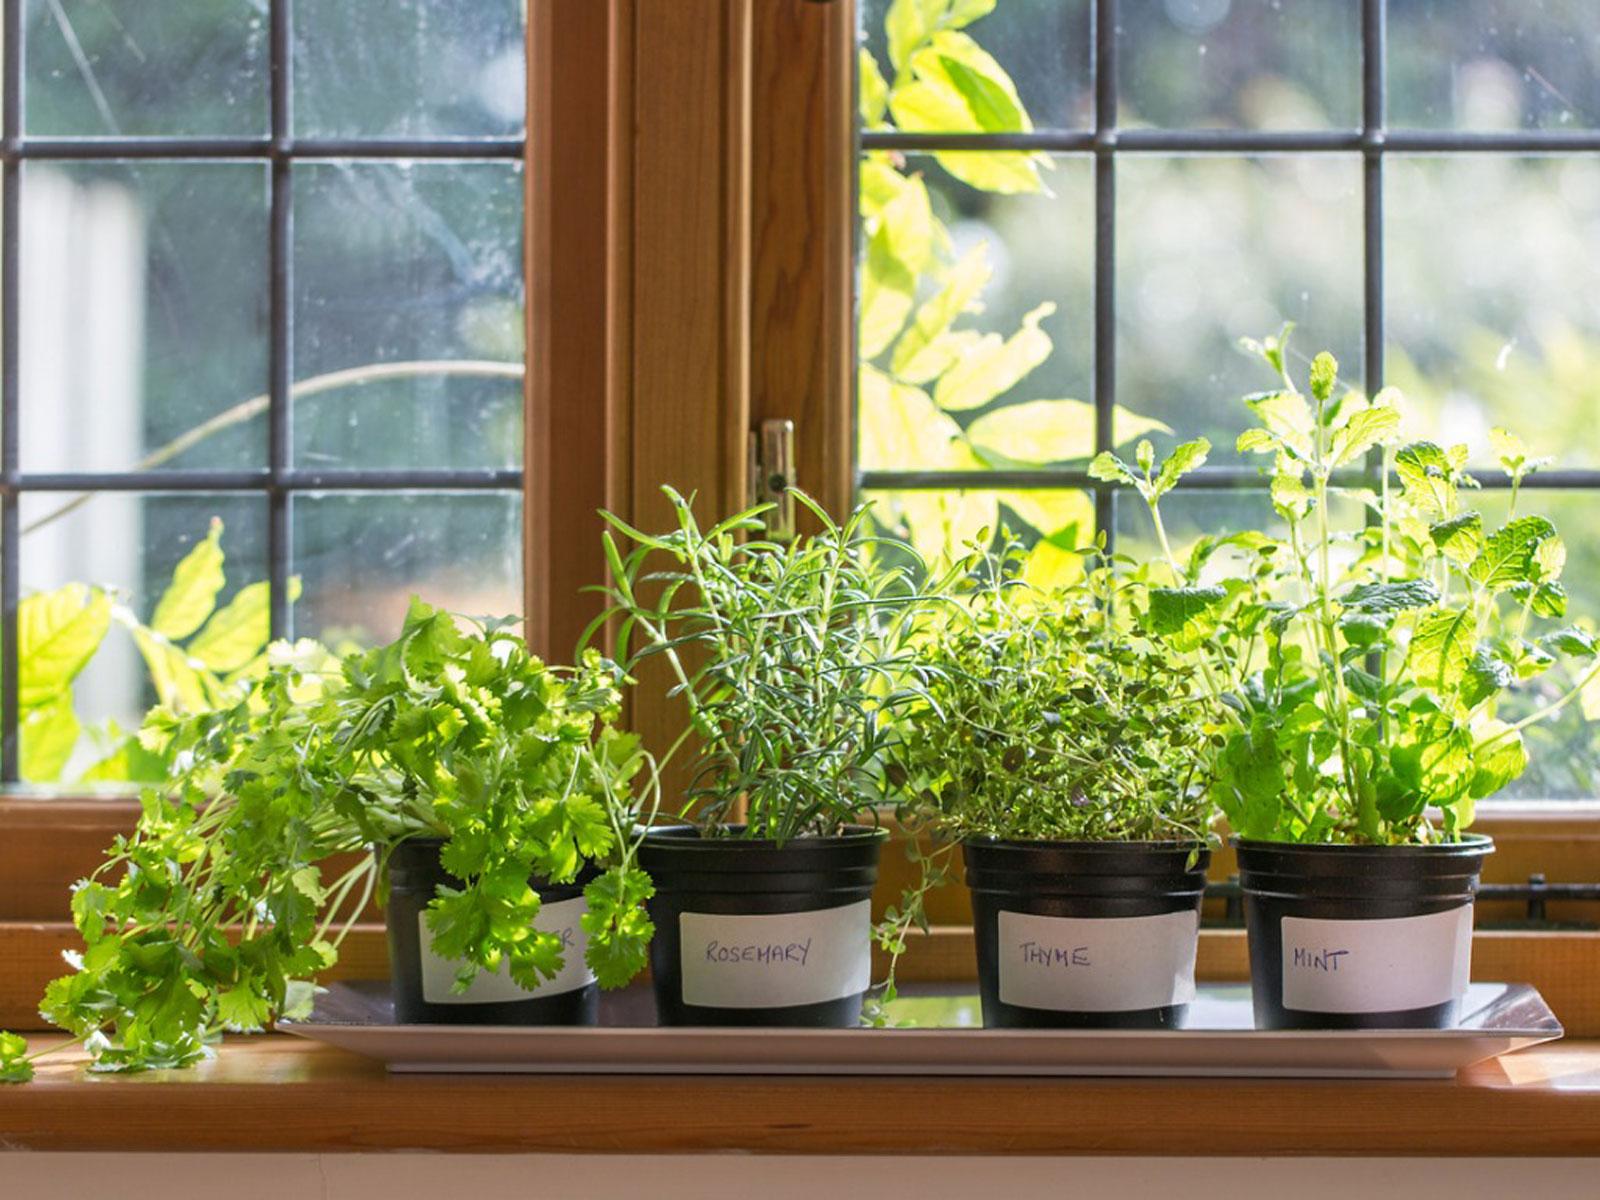 Top 5 ý tưởng thú vị, giúp kiến tạo không gian sống xanh cho gia đình - Ảnh 4.